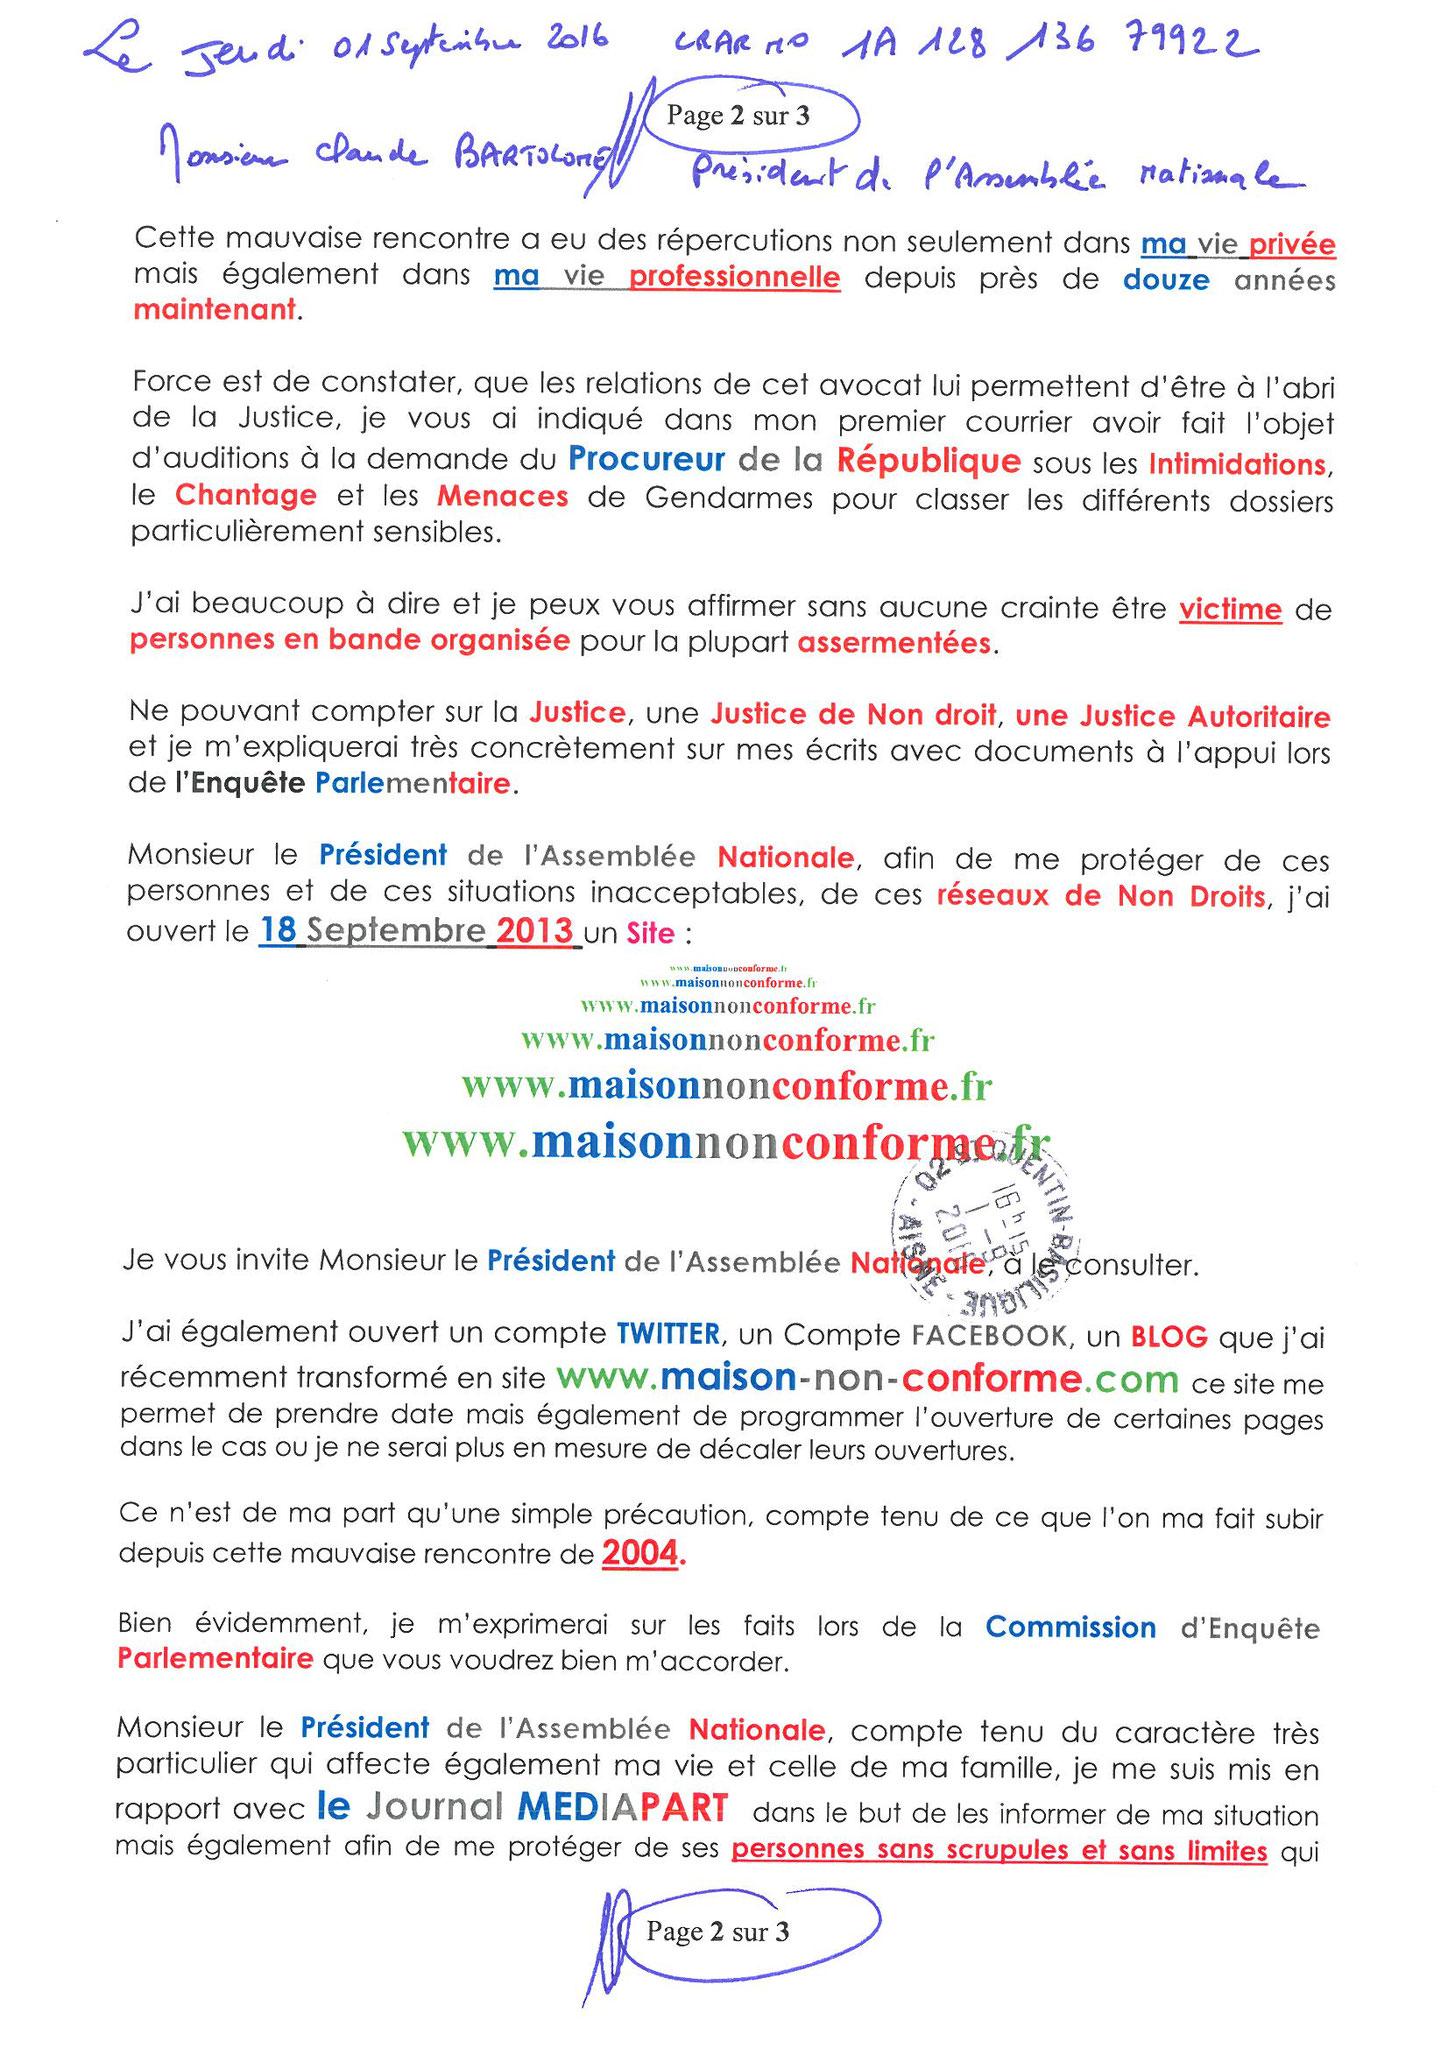 LRAR du 01 Septembre  2016 N°1A 128 136 7992 2 page 2 sur 3  à  Monsieur le Président de l'Assemblée Nationale Commission d'Enquête Parlementaire site www.jesuispatrick.fr